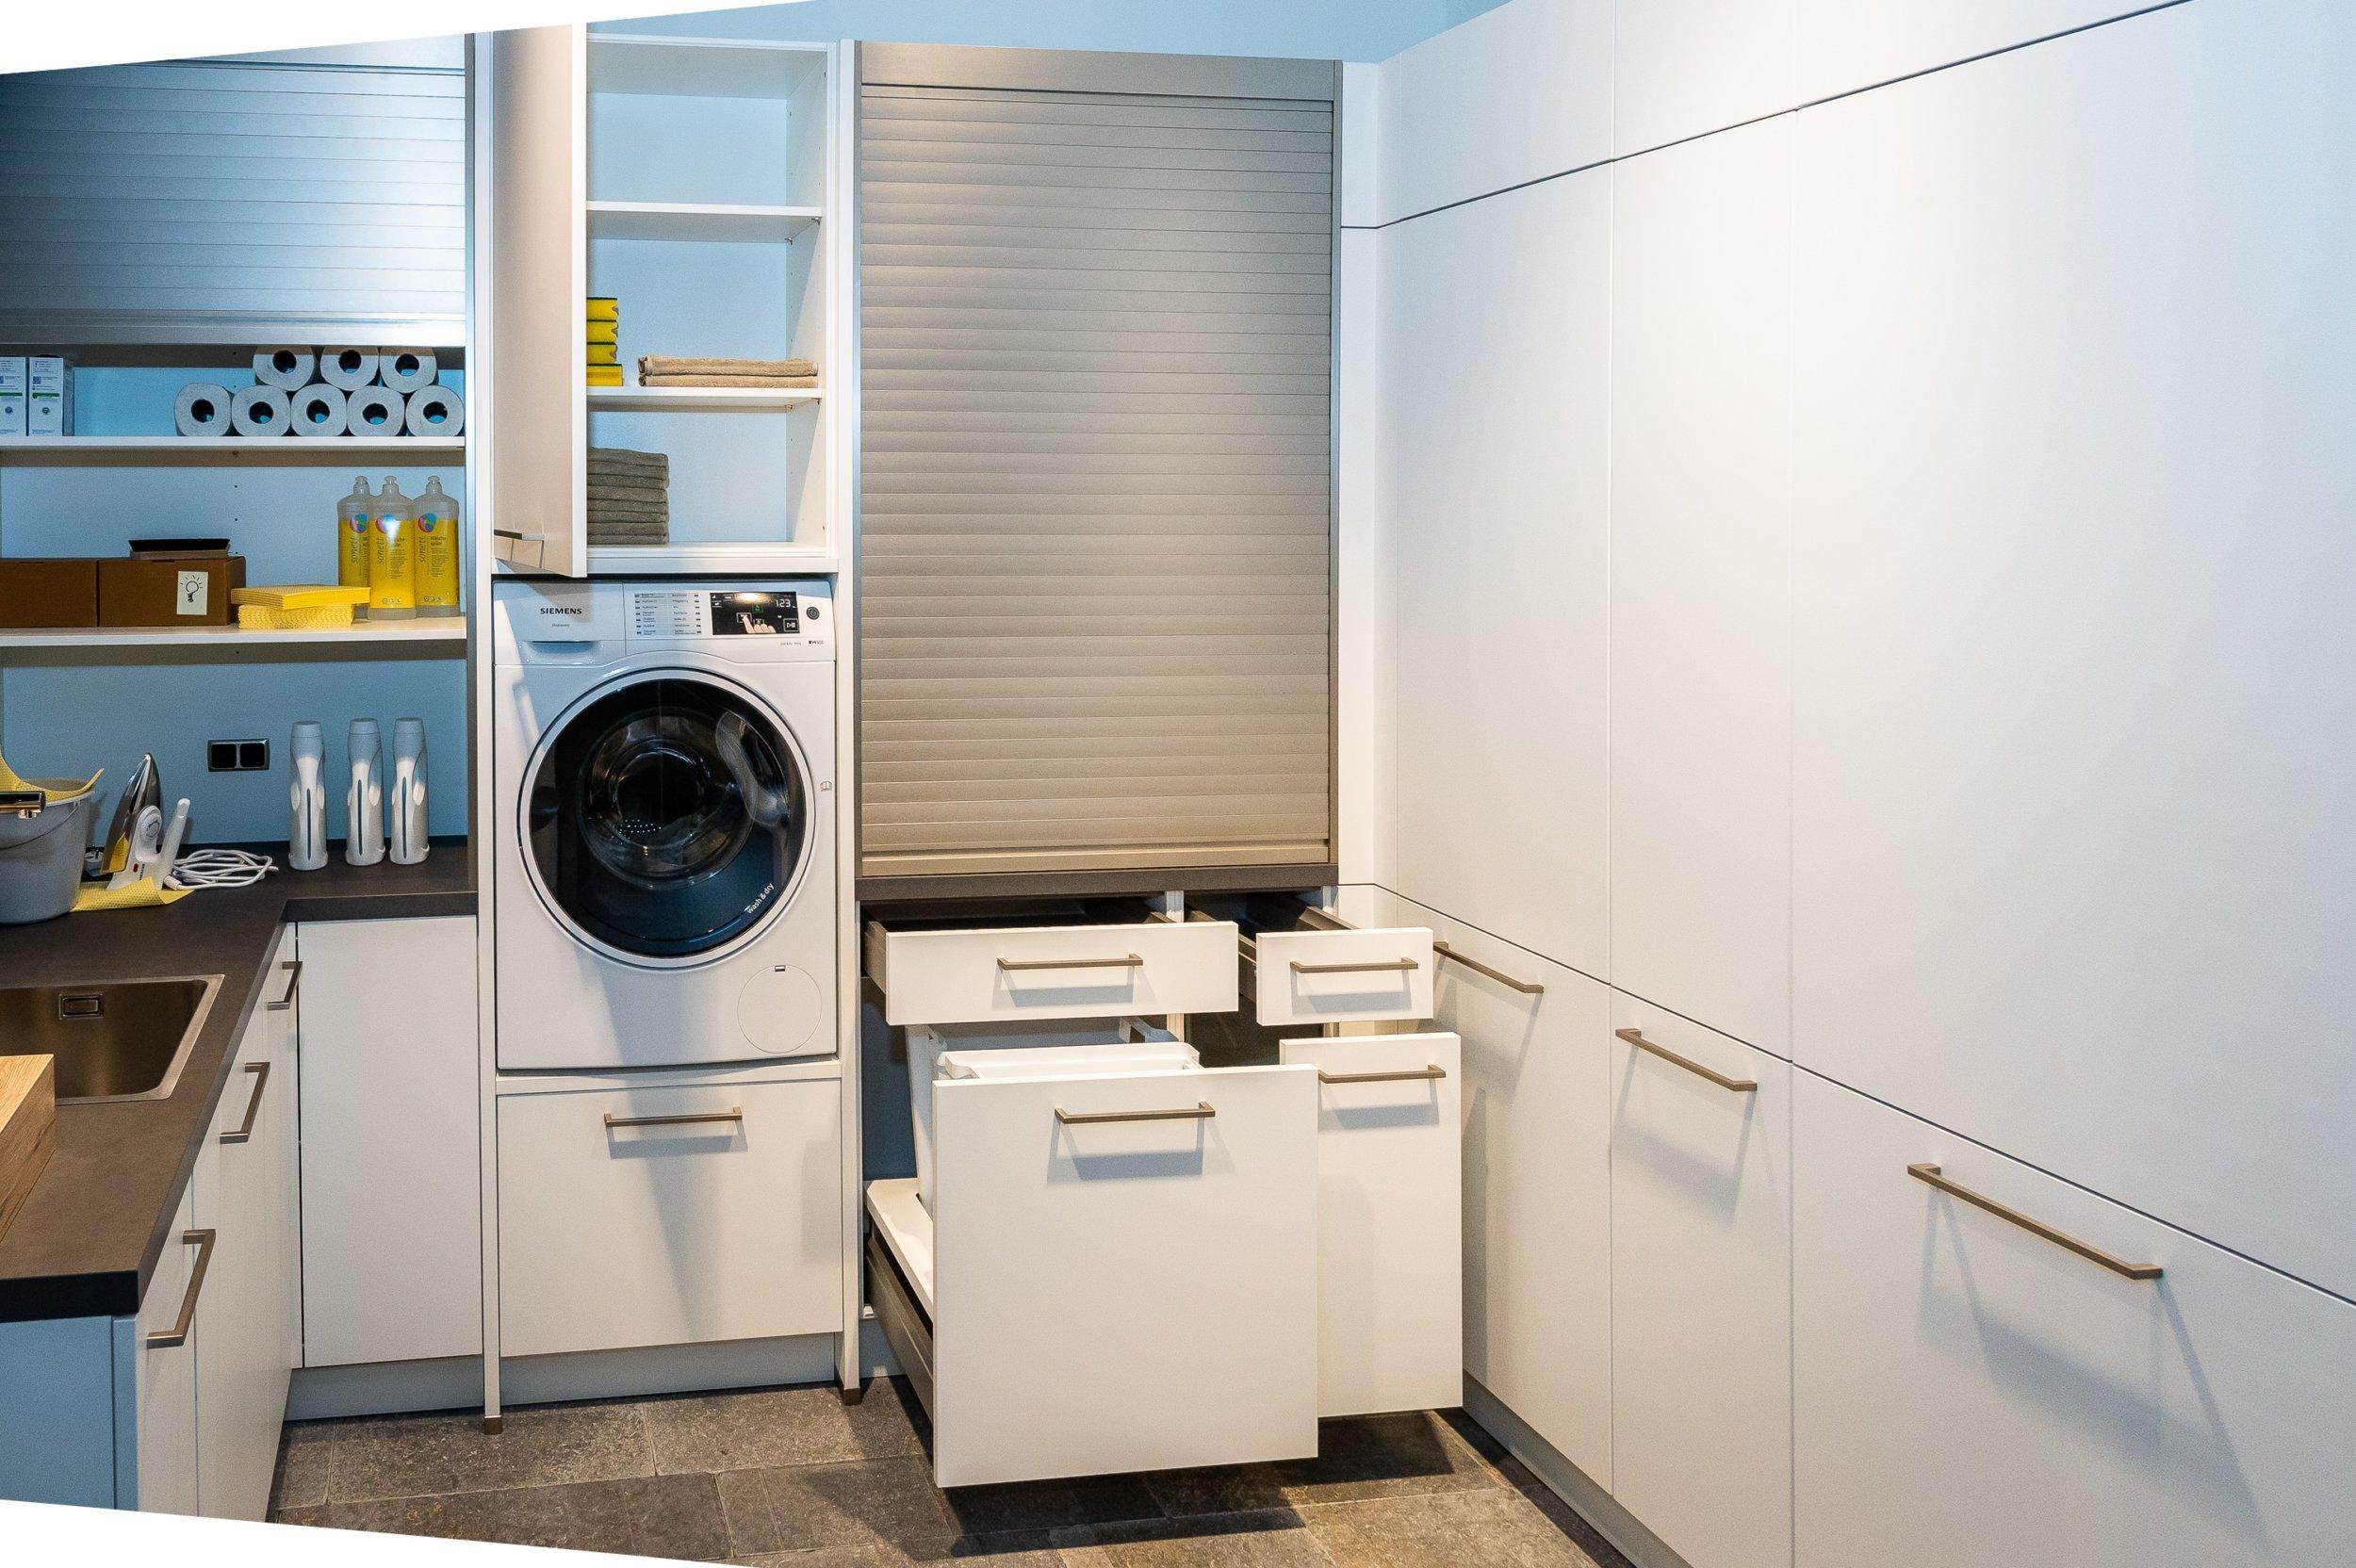 Full Size of Nolte Apothekerschrank Hauswirtschaftsraum Wei Softmatt Jetzt Bei Kchenbrse 3 X Küche Betten Schlafzimmer Wohnzimmer Nolte Apothekerschrank